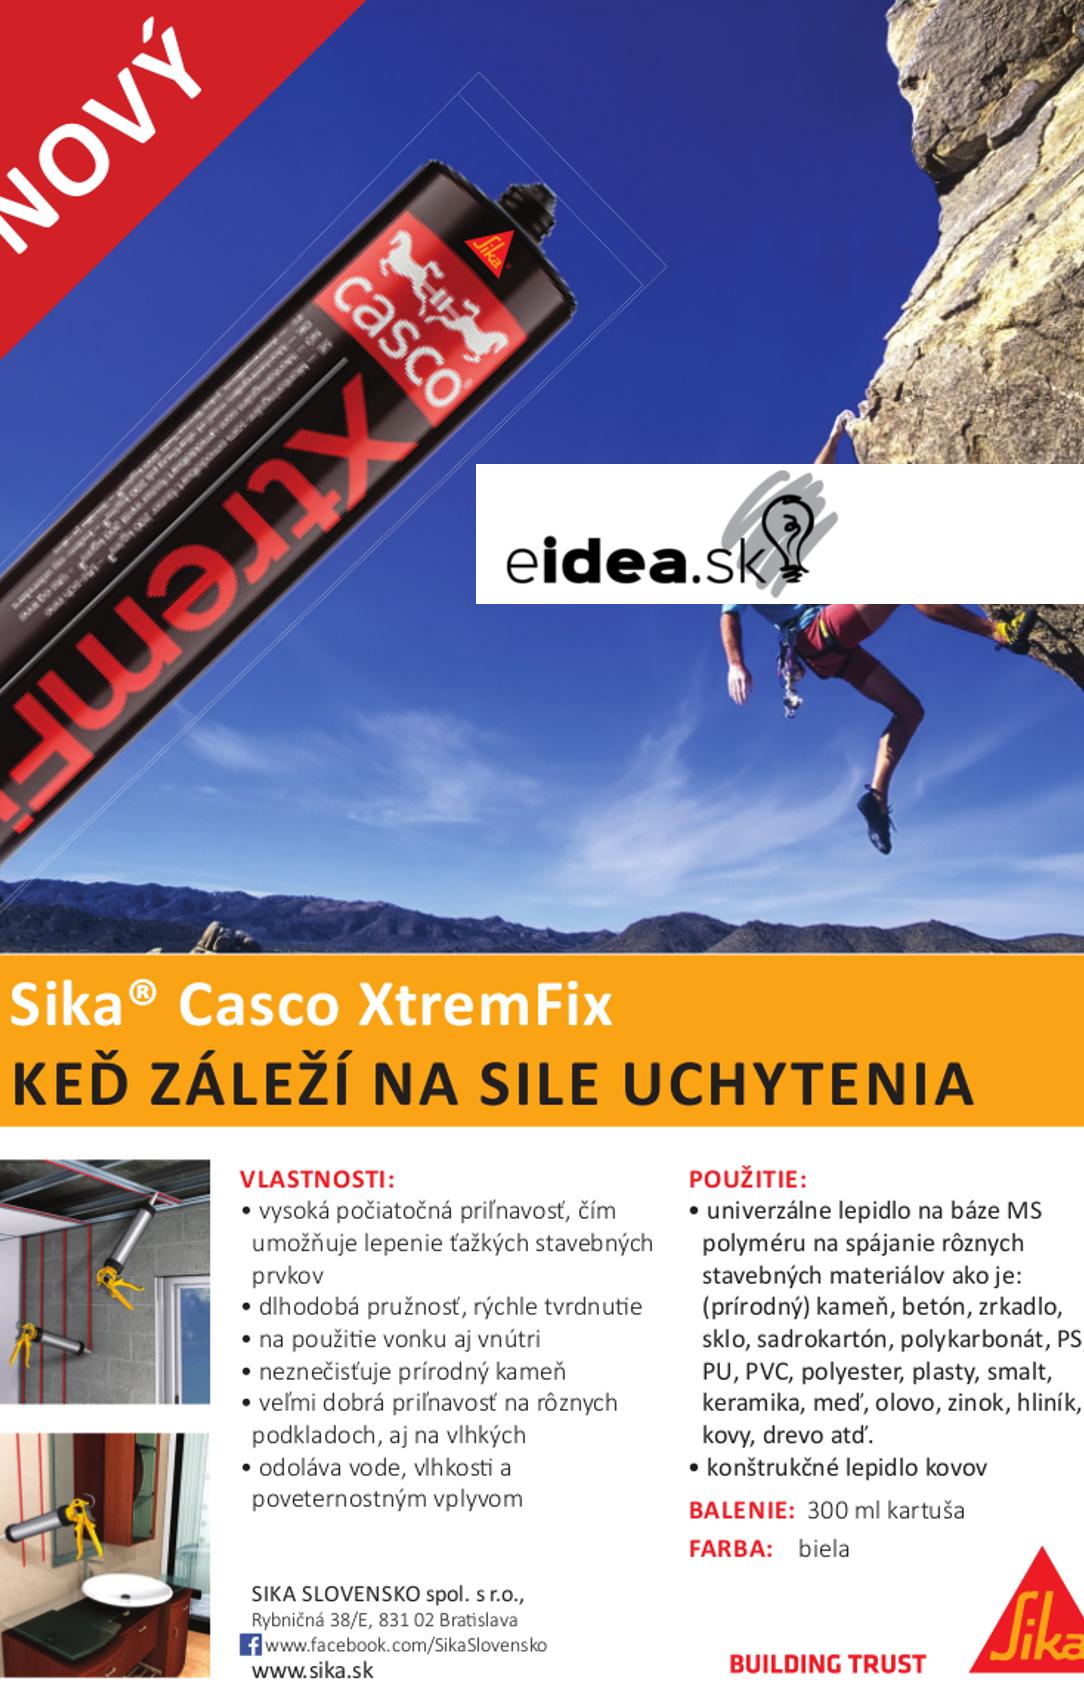 SikaCasco Extrem Fix